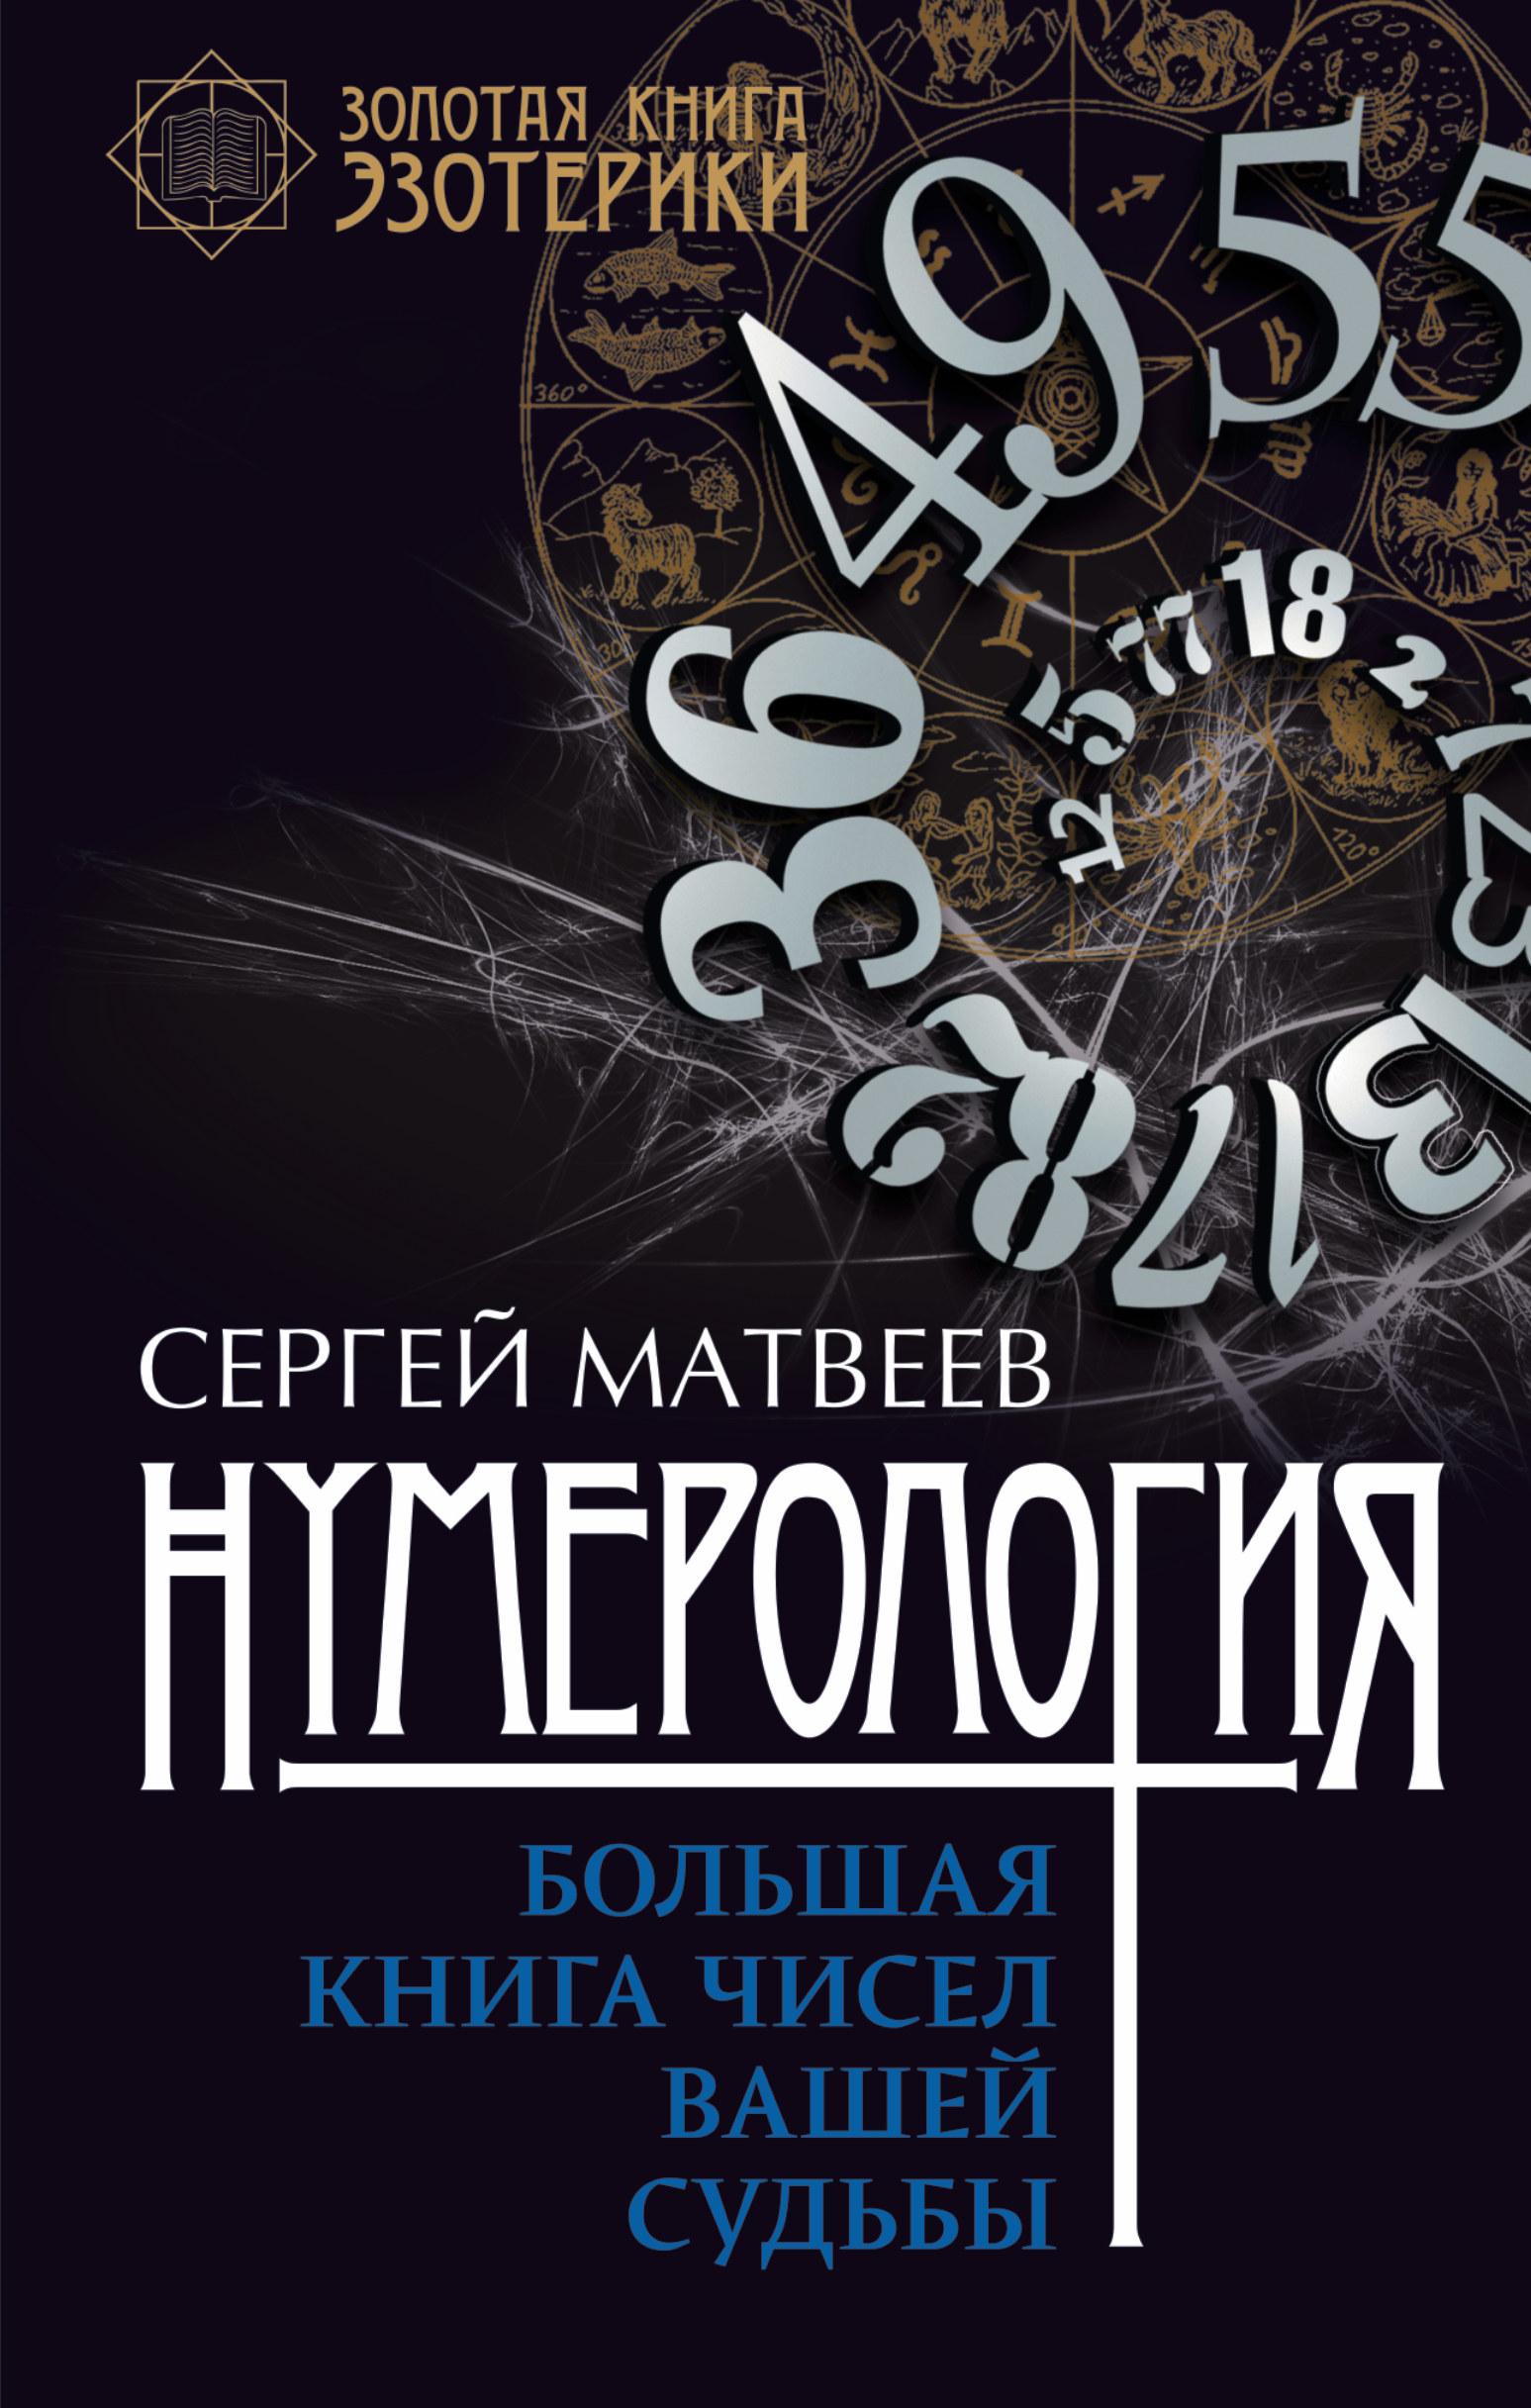 Сергей Матвеев Нумерология. Большая книга чисел вашей судьбы